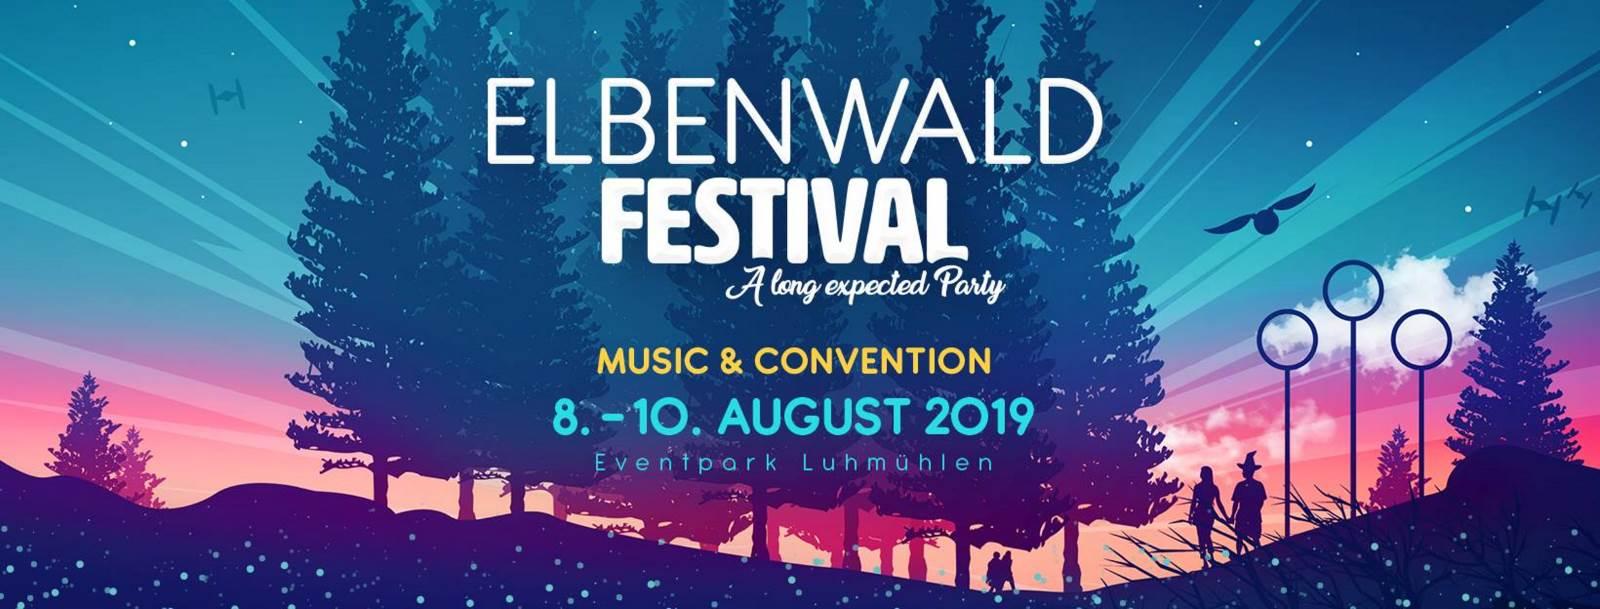 Elbenwald Festival 2019